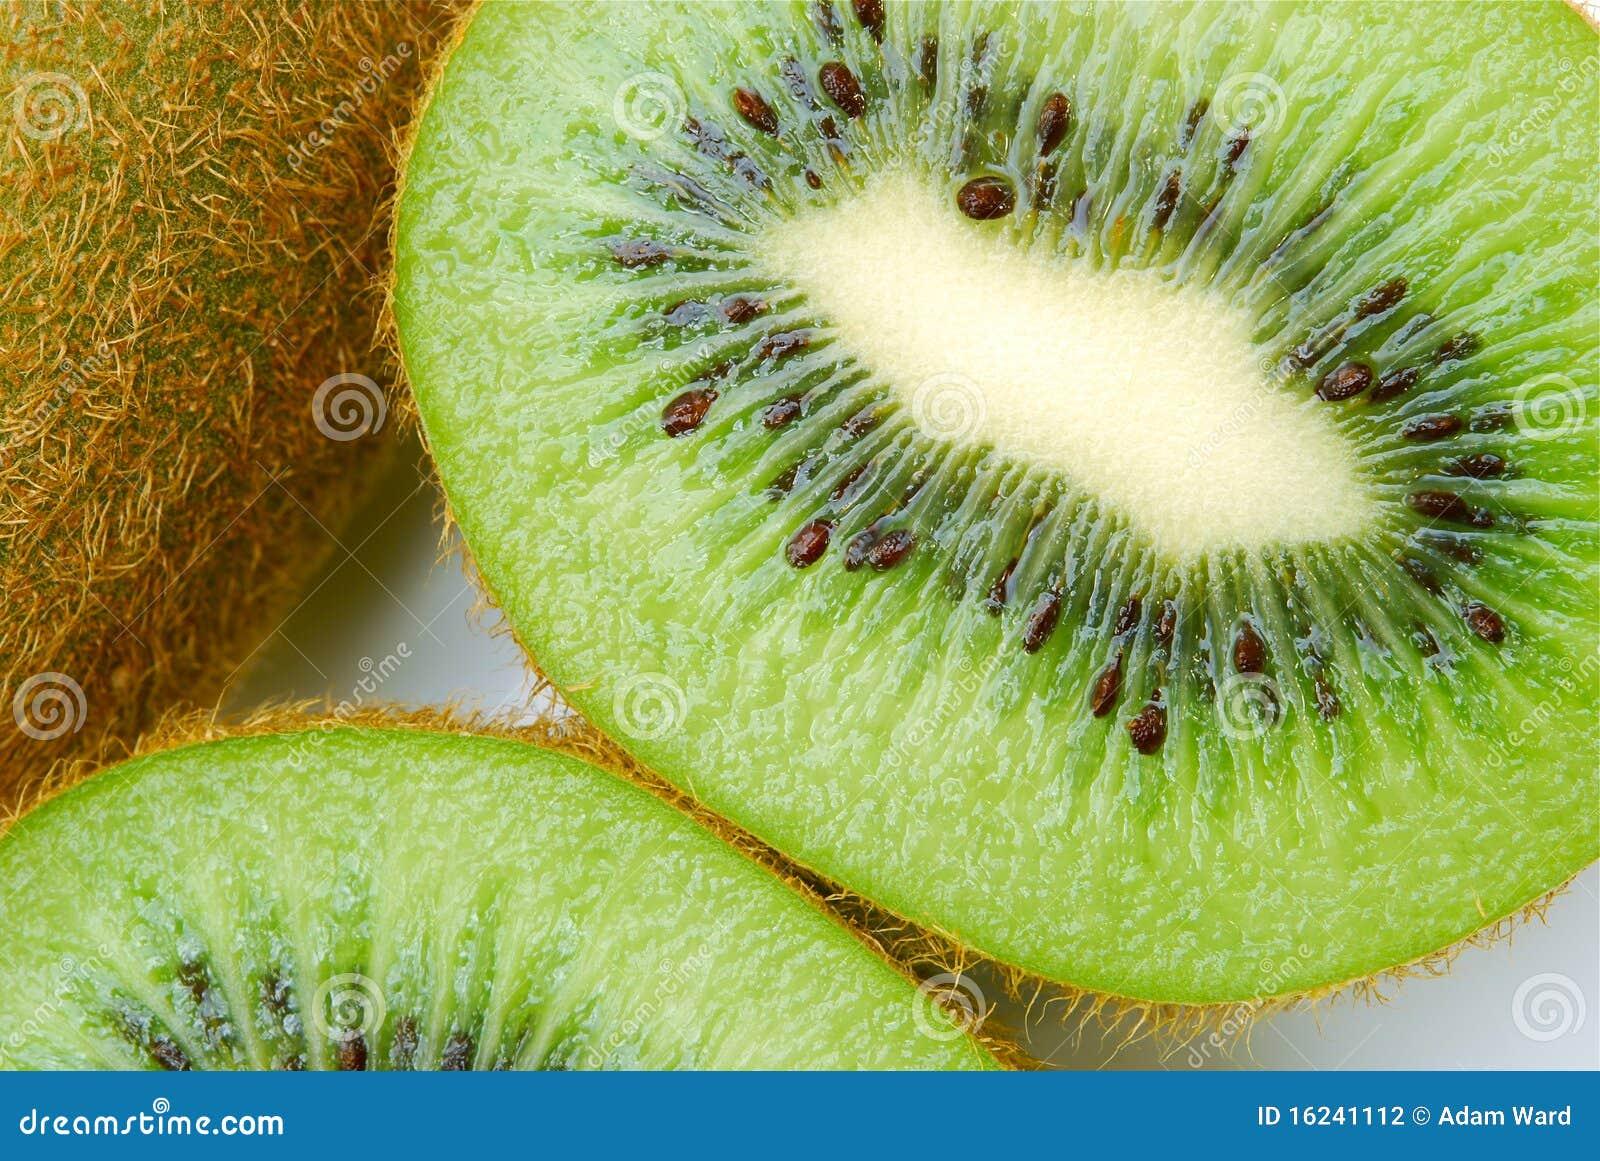 Kiwi fruit cut in half close up - Close Up Of Kiwi Fruit Stock Photography Image 16241112